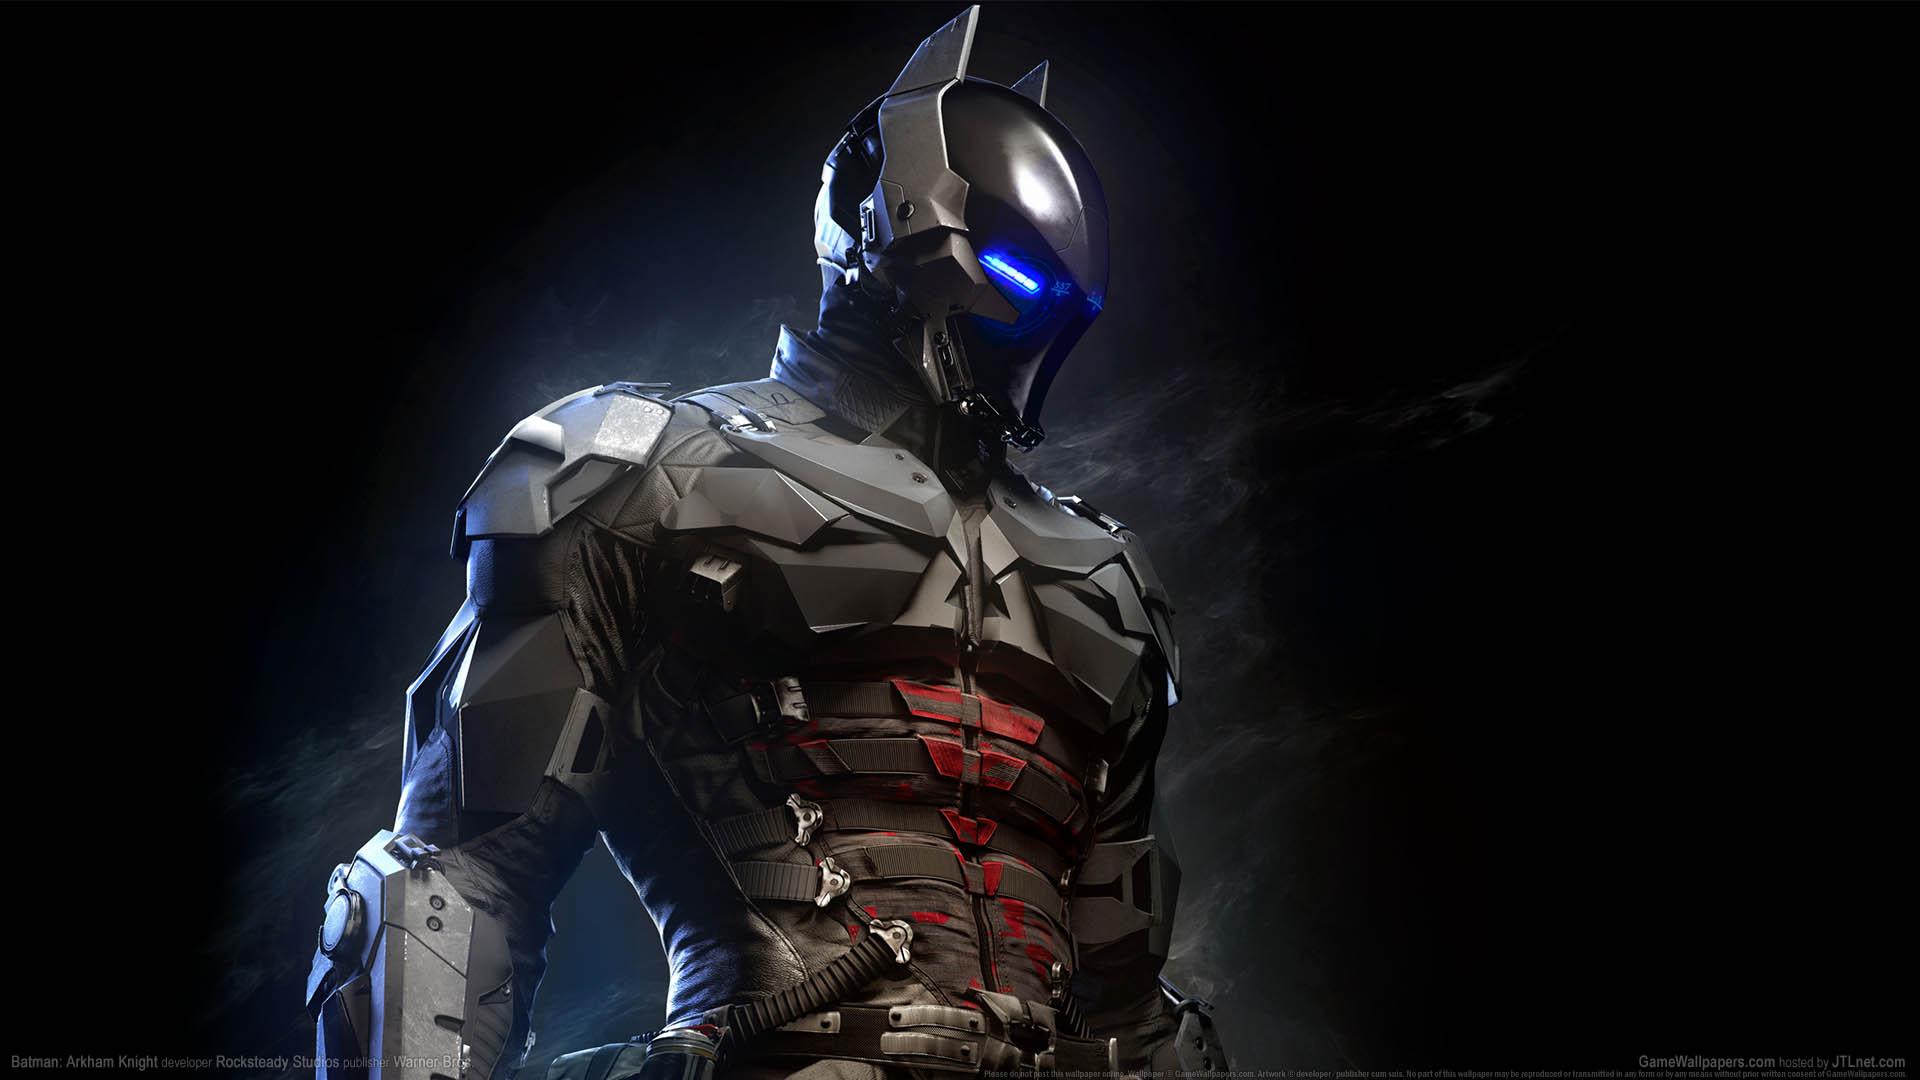 batman: arkham knight wallpaper 01 1920x1080